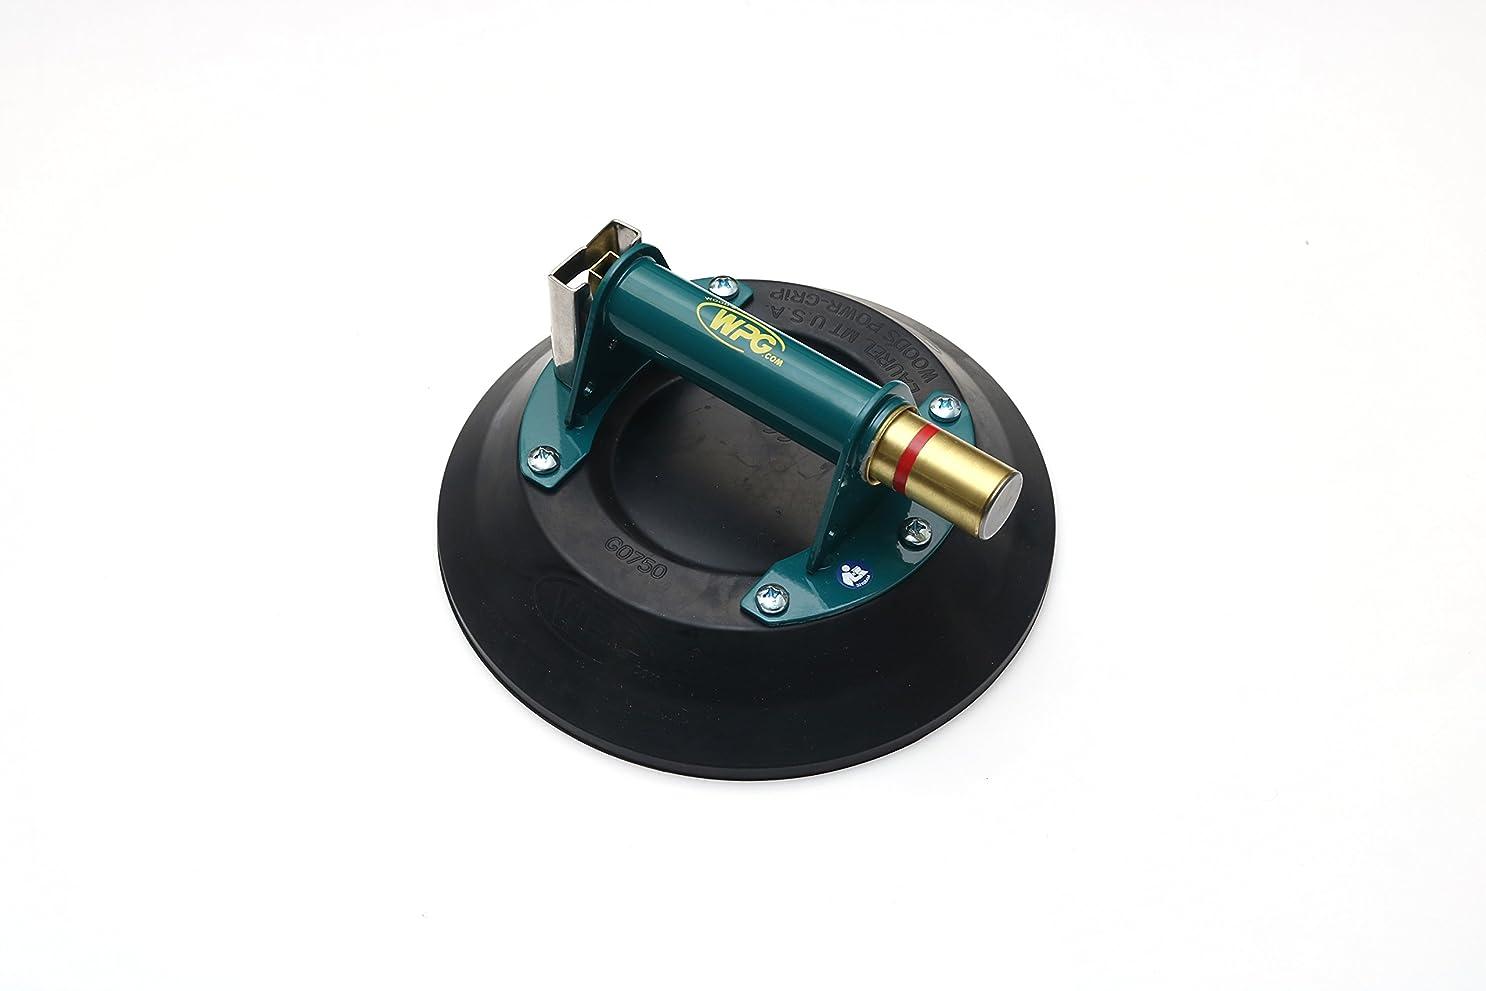 感情回答涙が出る(パワーグリップ)Powr-Grip 曲げガラス対応 ガラス吸盤 10インチ 最大荷重316kg バキュームリフター